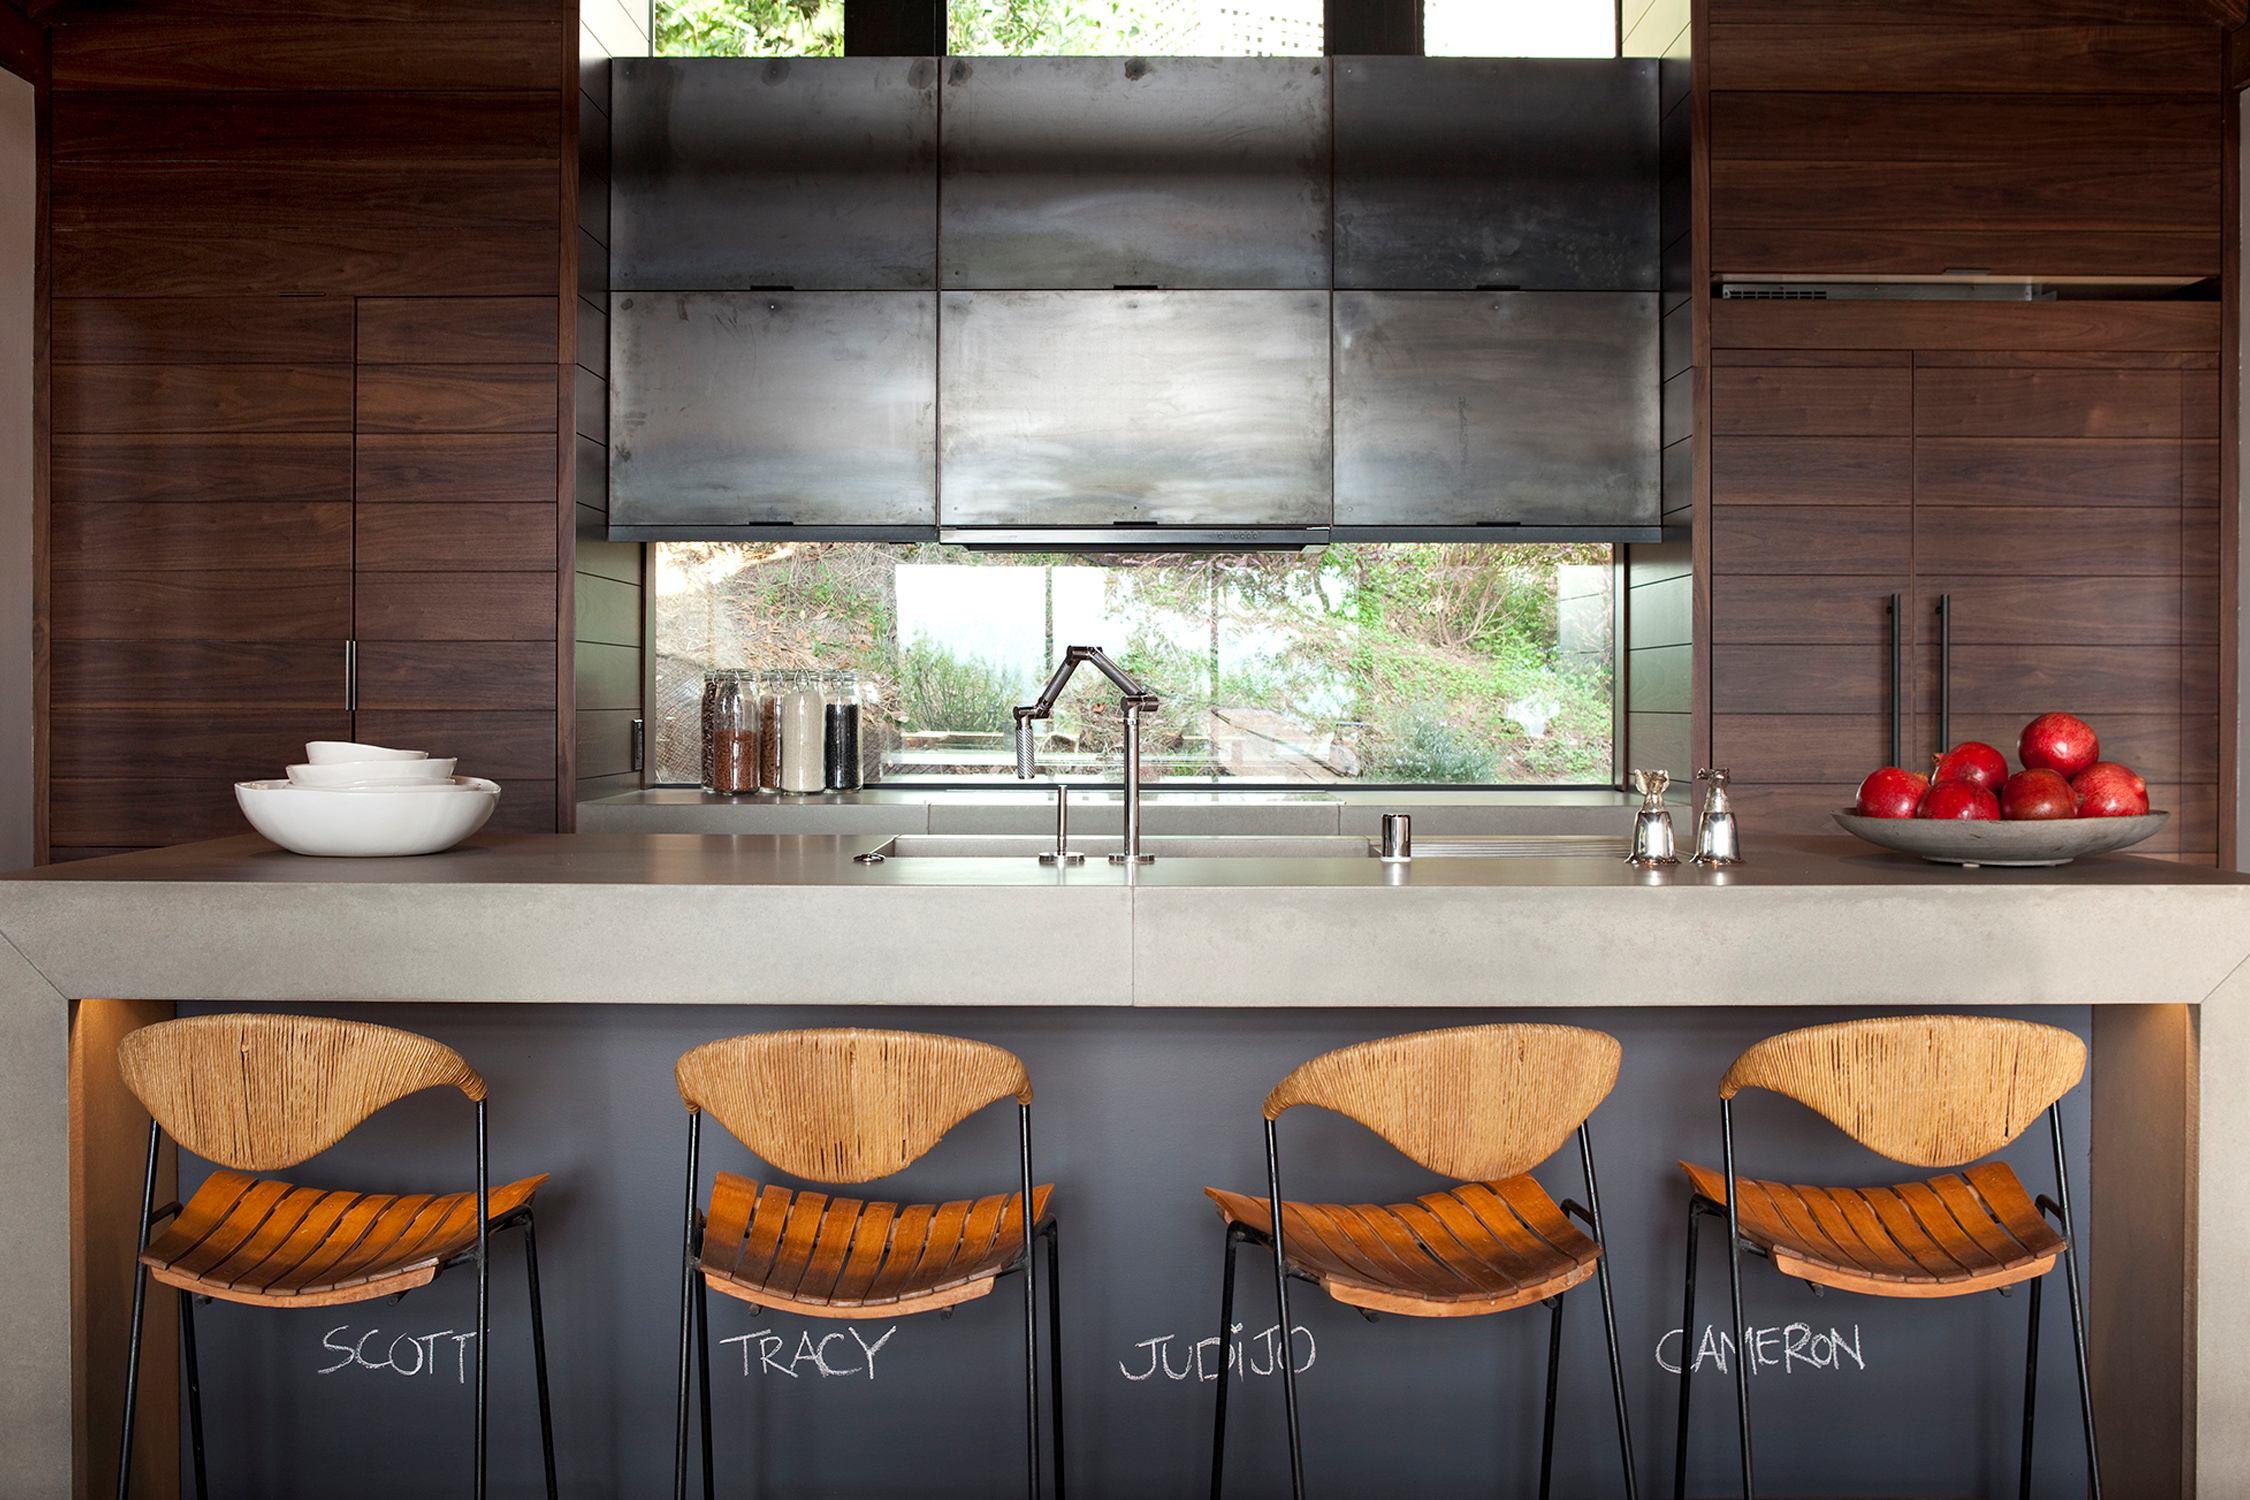 Design Details Kitchen Seating Builder Magazine Design Kitchen Rehkamp Larson Sb